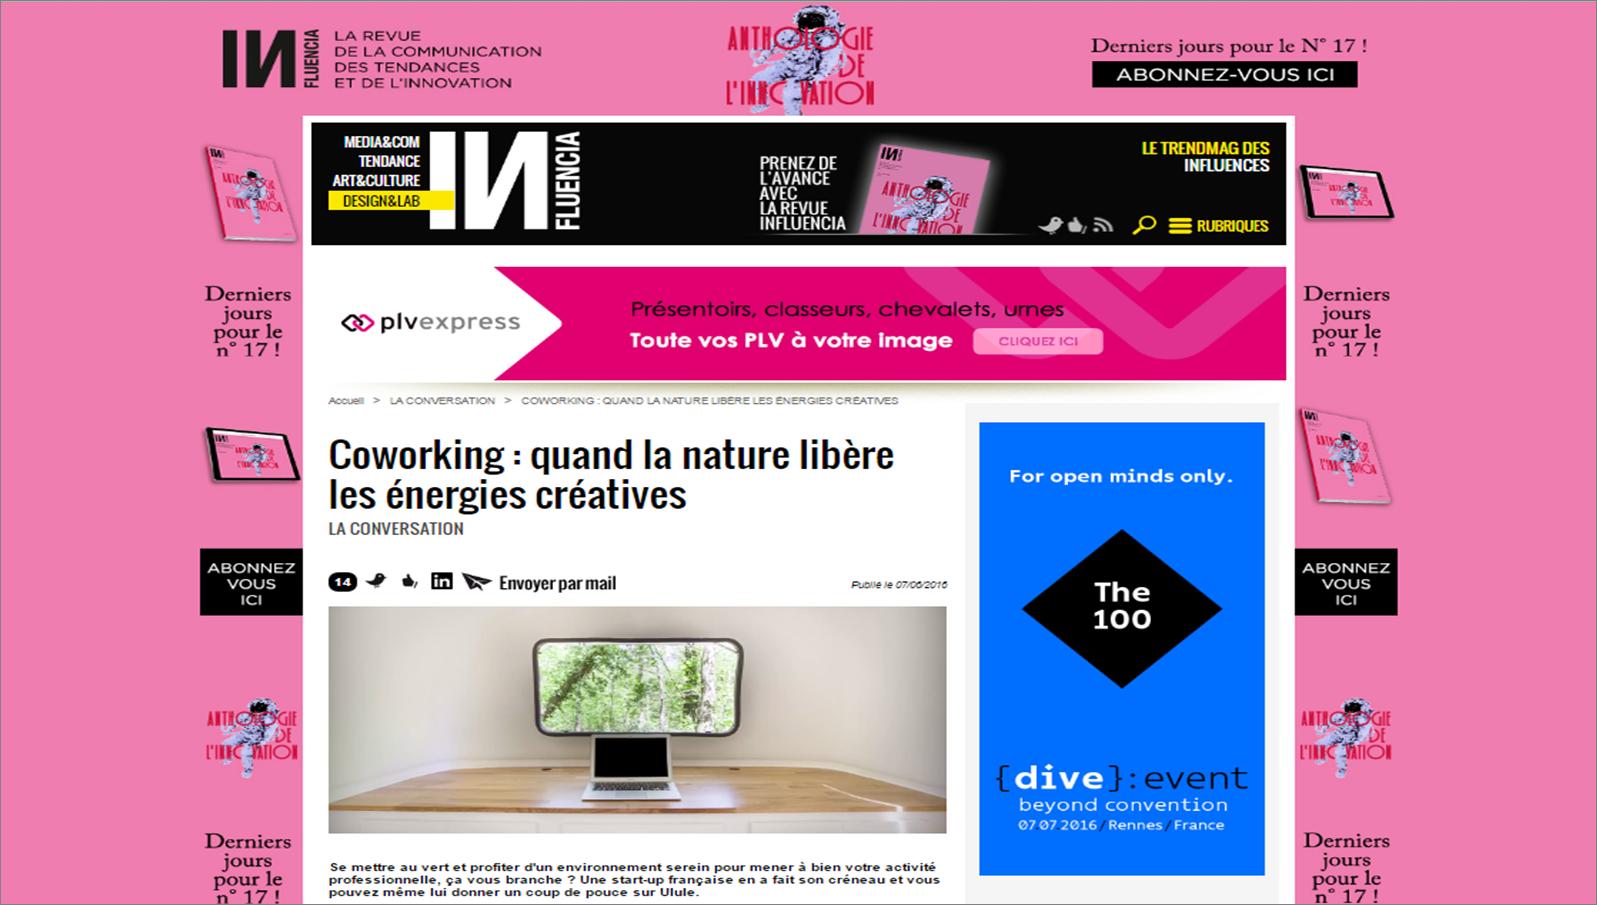 Coworking : quand la nature libère les énergies créatives Wildesk